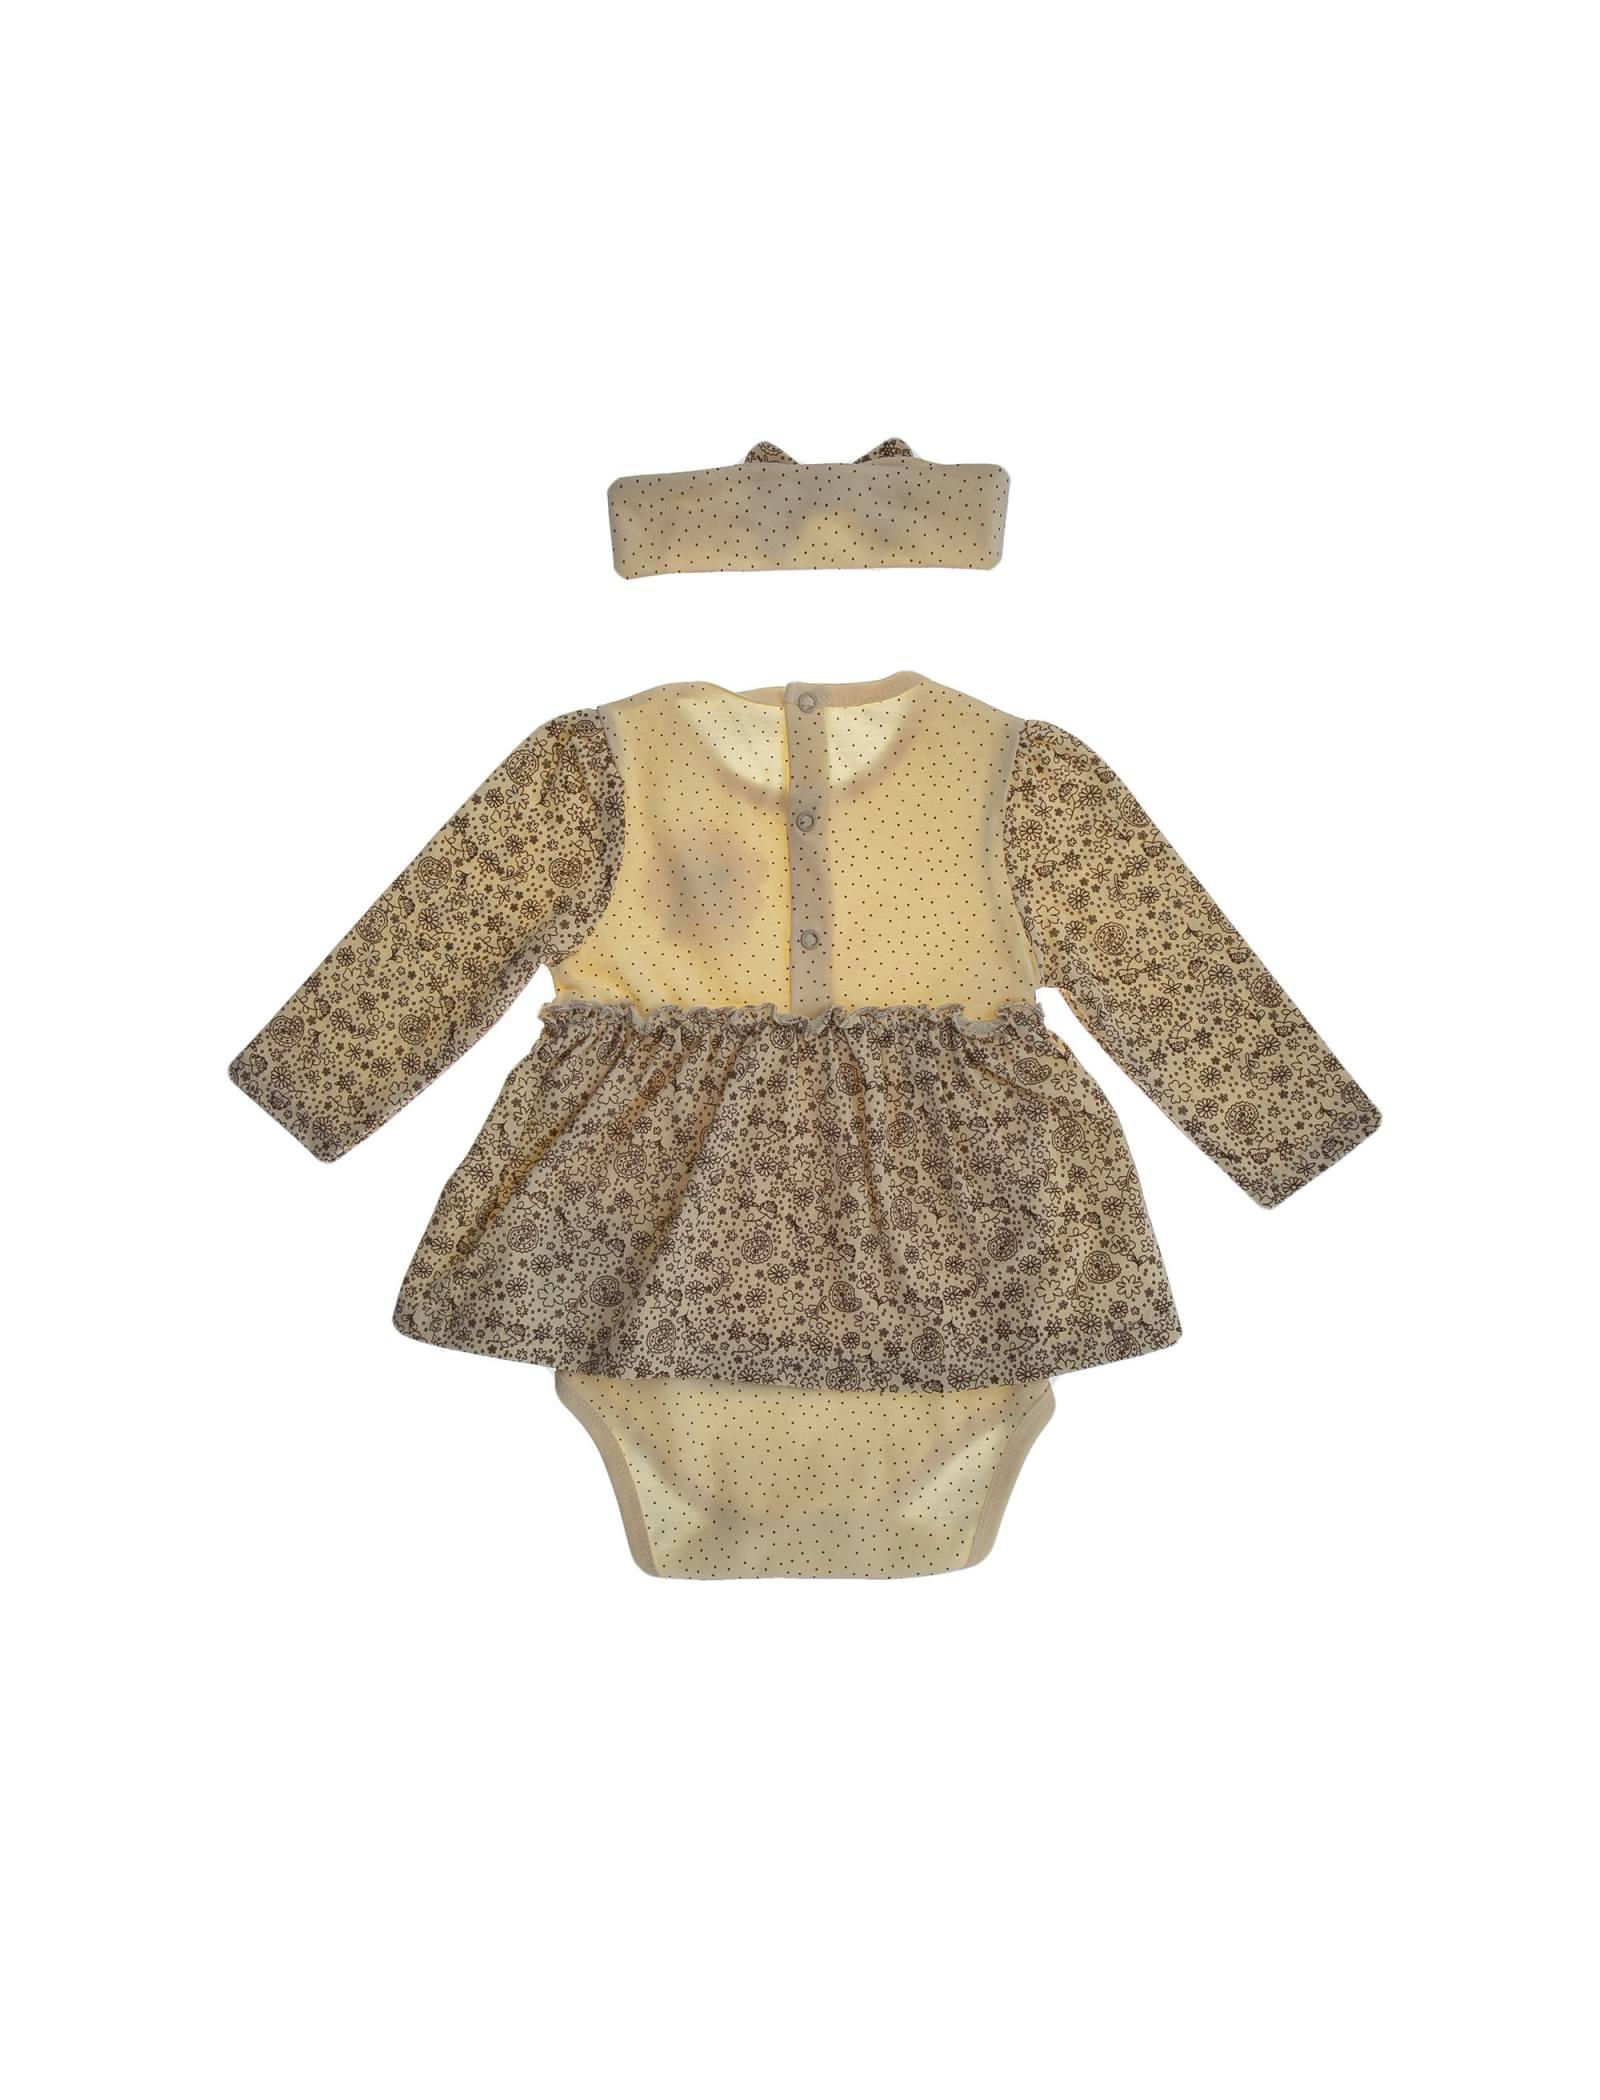 پیراهن نخی آستین بلند نوزادی دخترانه - بی بی ناز - کرم و قهوه اي - 2